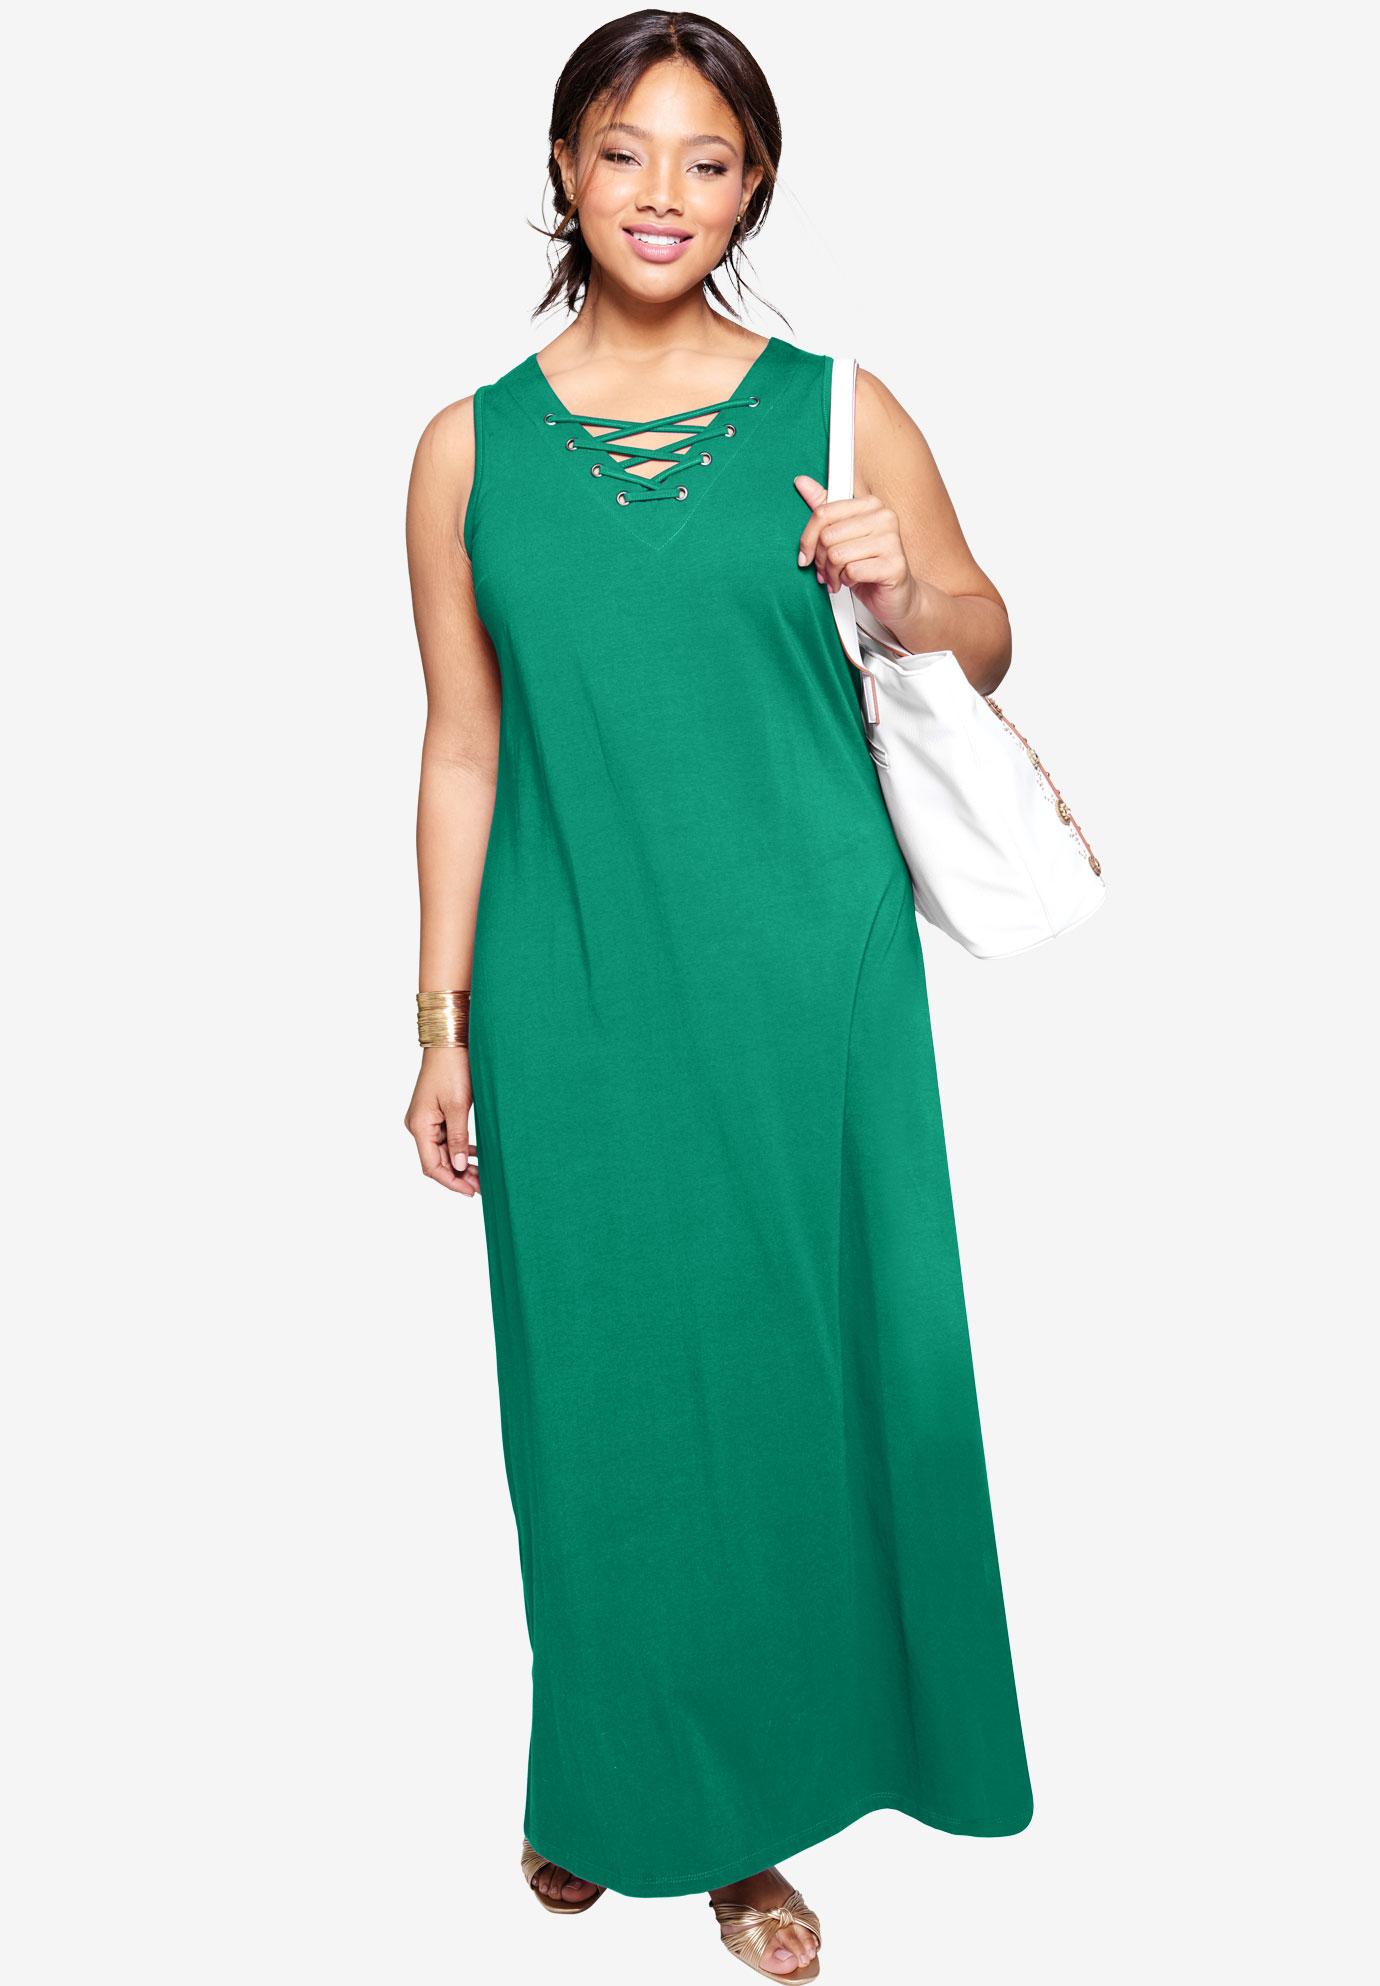 Lace Up Maxi Dress| Plus Size Dresses | Jessica London